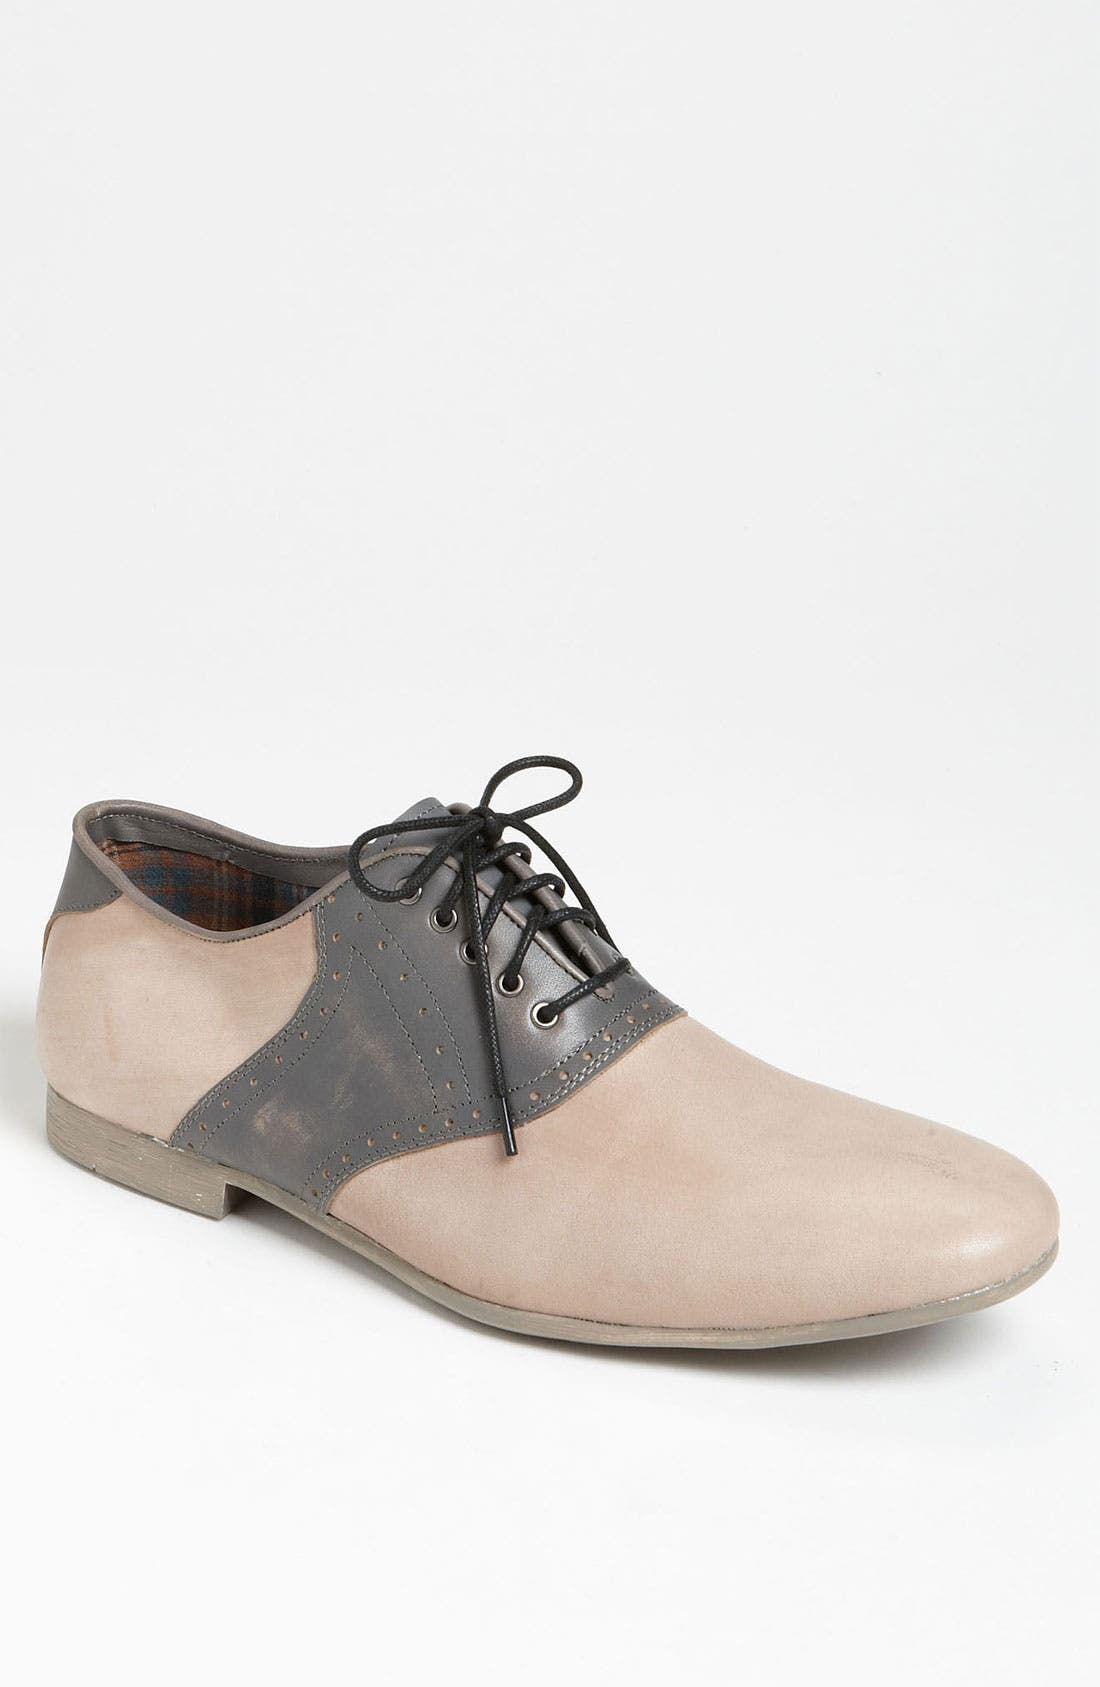 Alternate Image 1 Selected - Bed Stu 'Orleans' Saddle Shoe (Online Only)